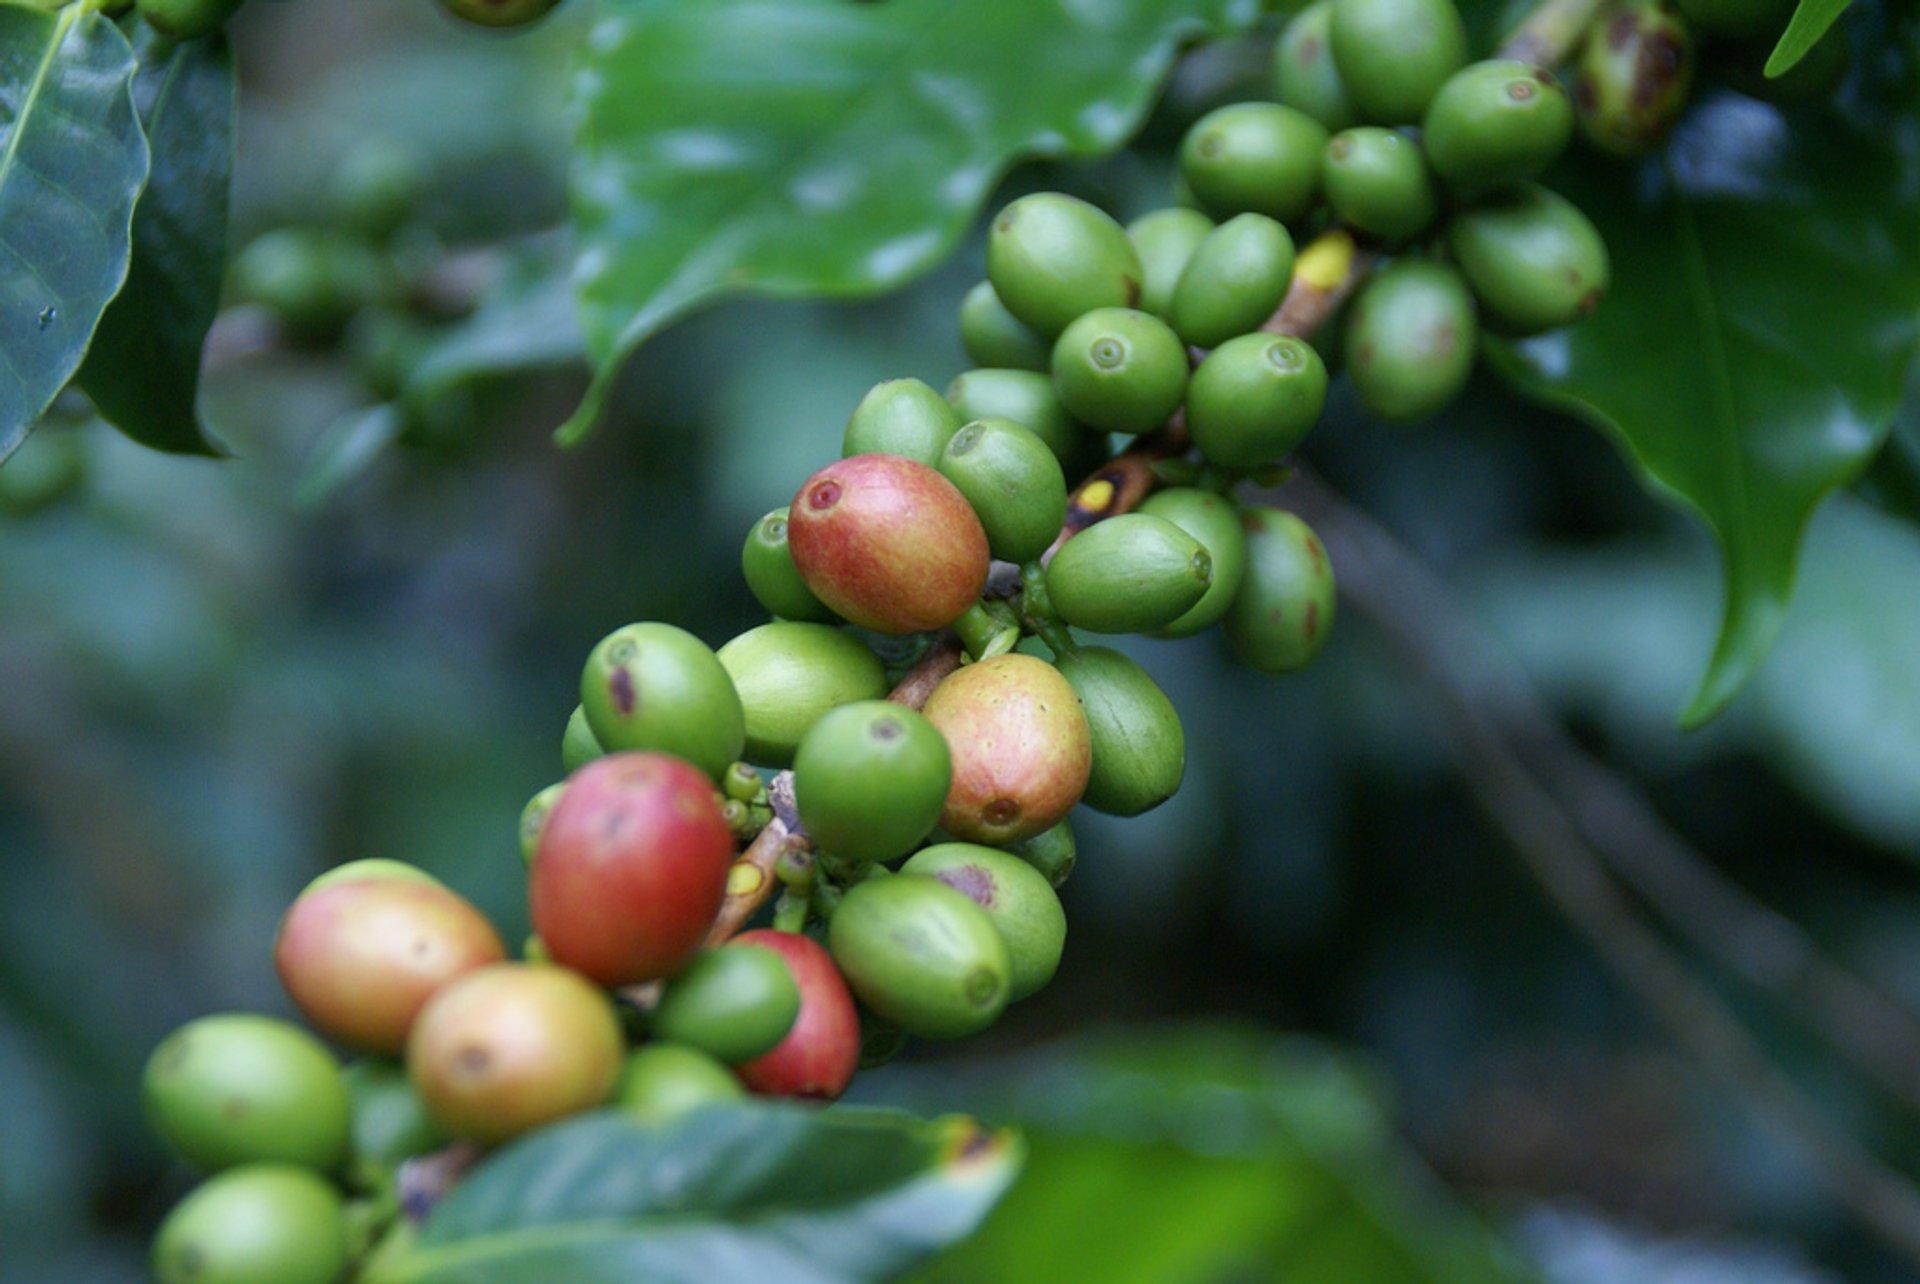 Coffee Harvest in Honduras 2019 - Best Time